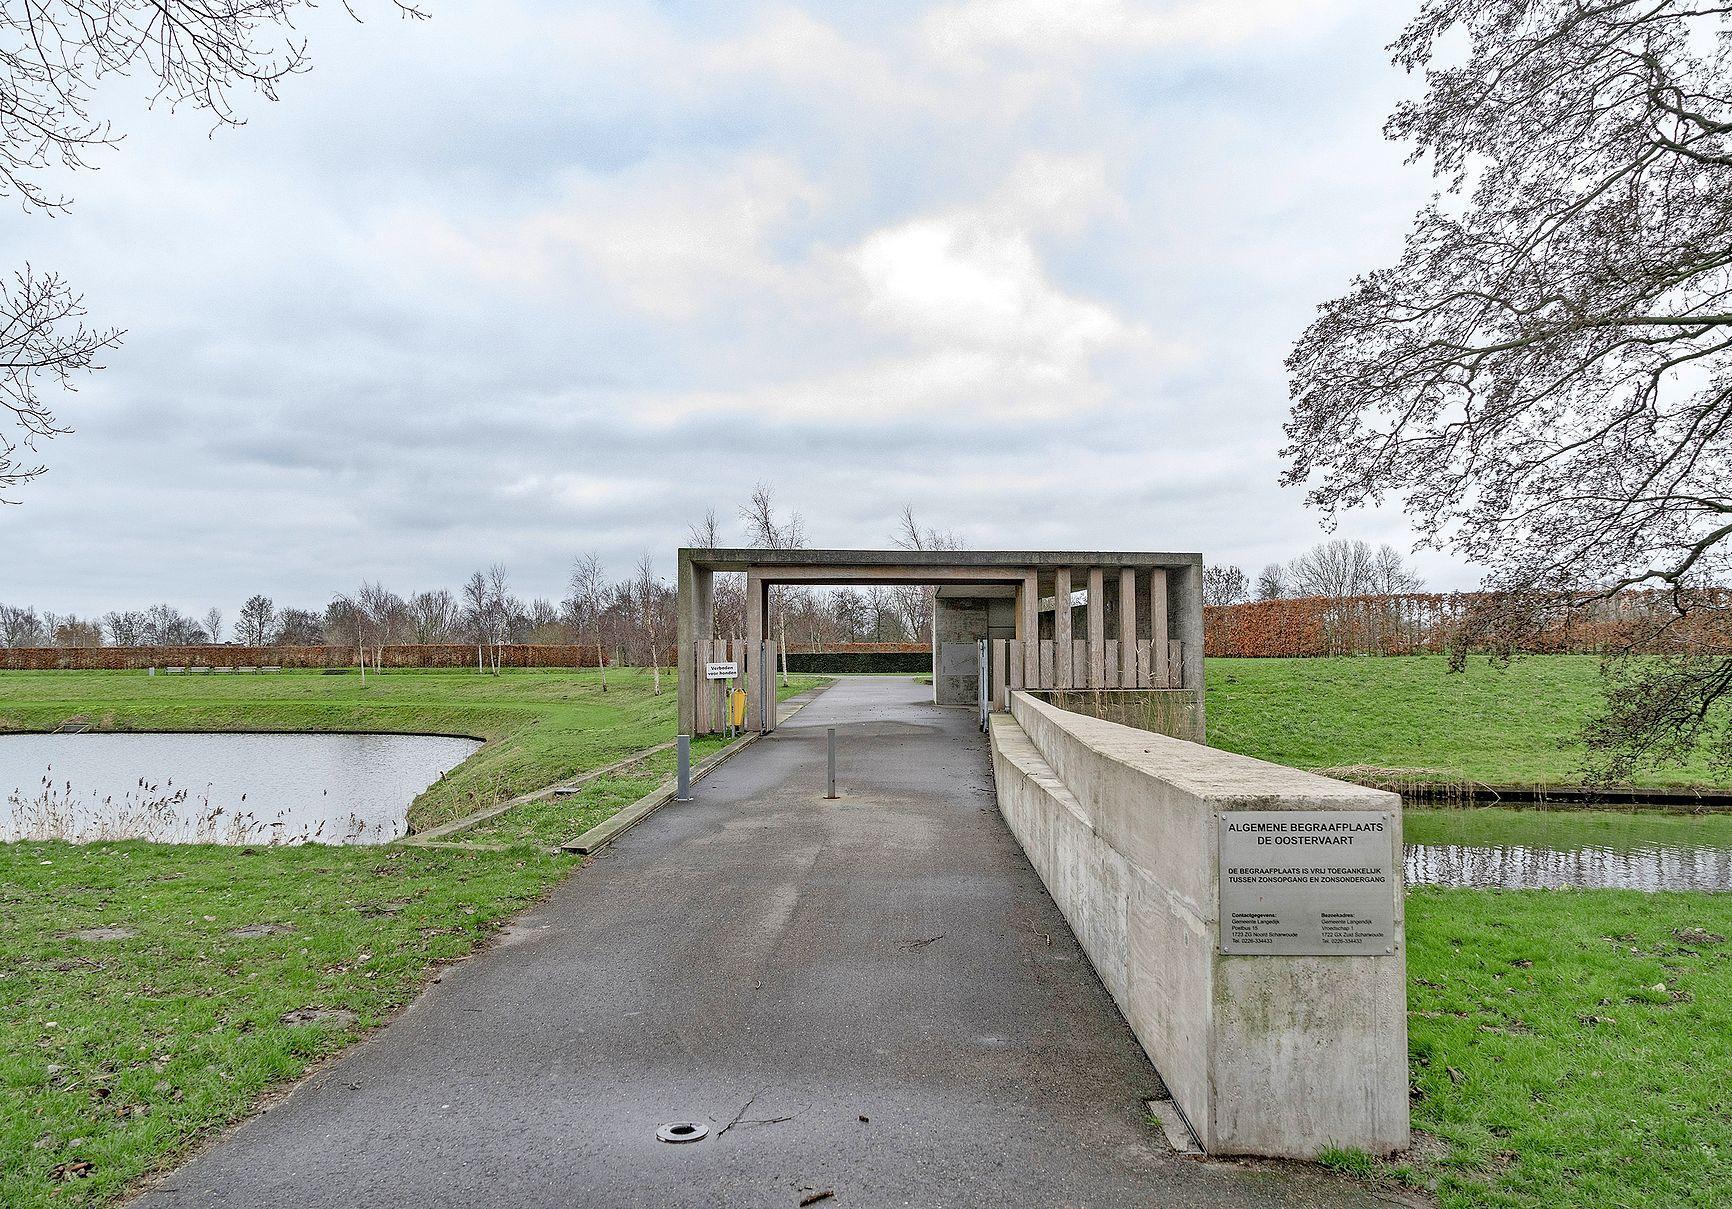 Een eigen graf in Langedijk kost 5920 euro. Nog steeds verreweg de duurste in de regio, maar niet meer in de toptien van het land